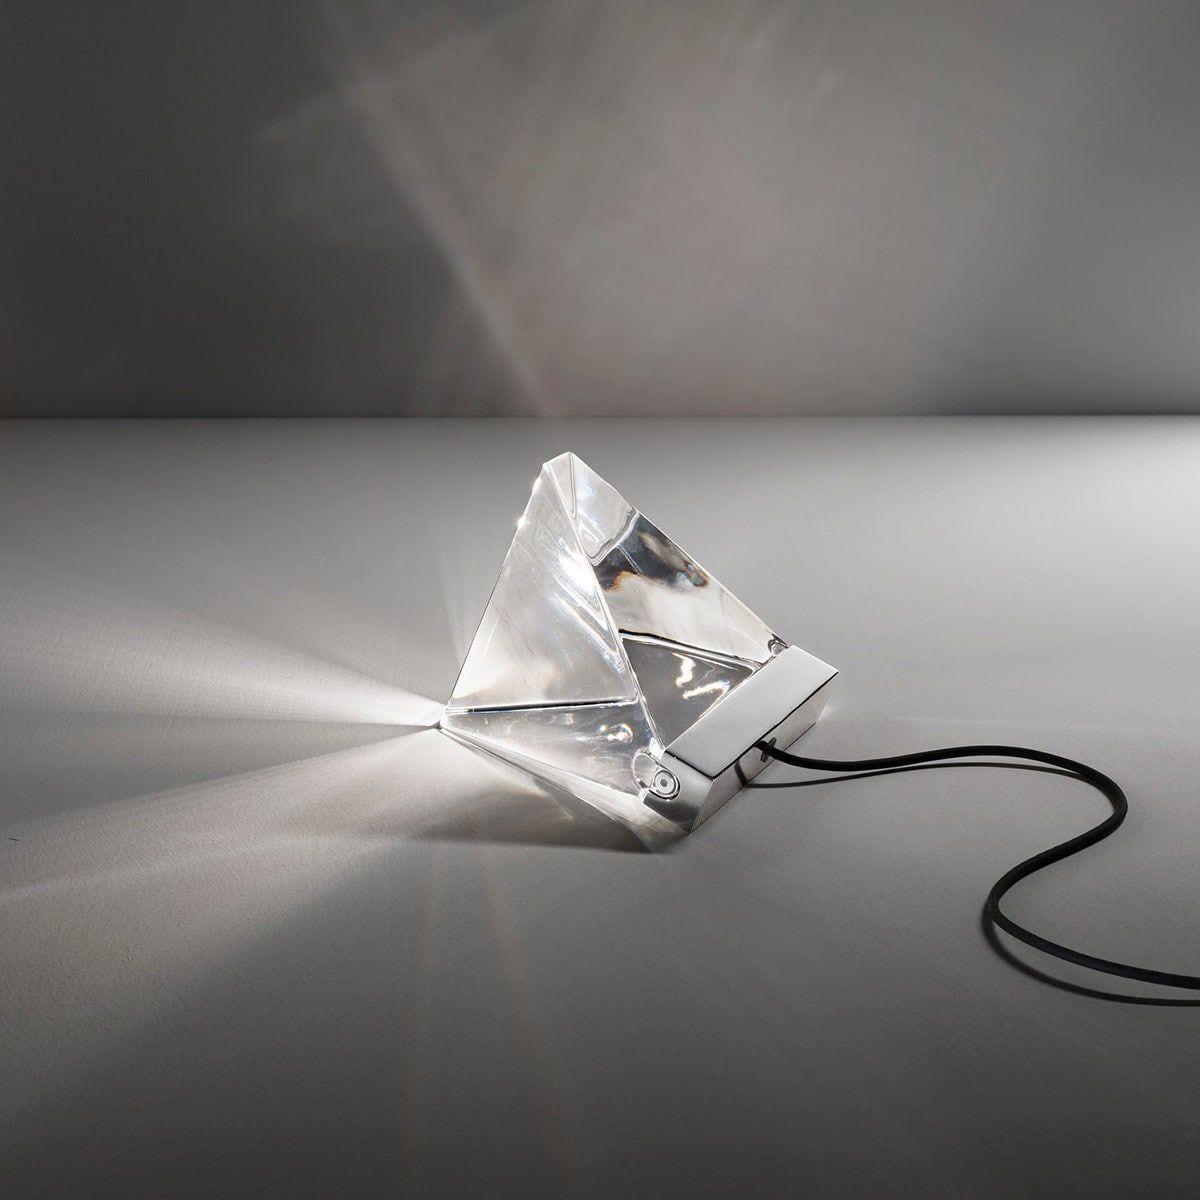 Nachttischleuchte Touch Me Led Tischleuchte Messing Led Leuchten Mit Batterie Und Fernbedienung Designer Tischl Tischleuchte Lampentisch Led Tischleuchte